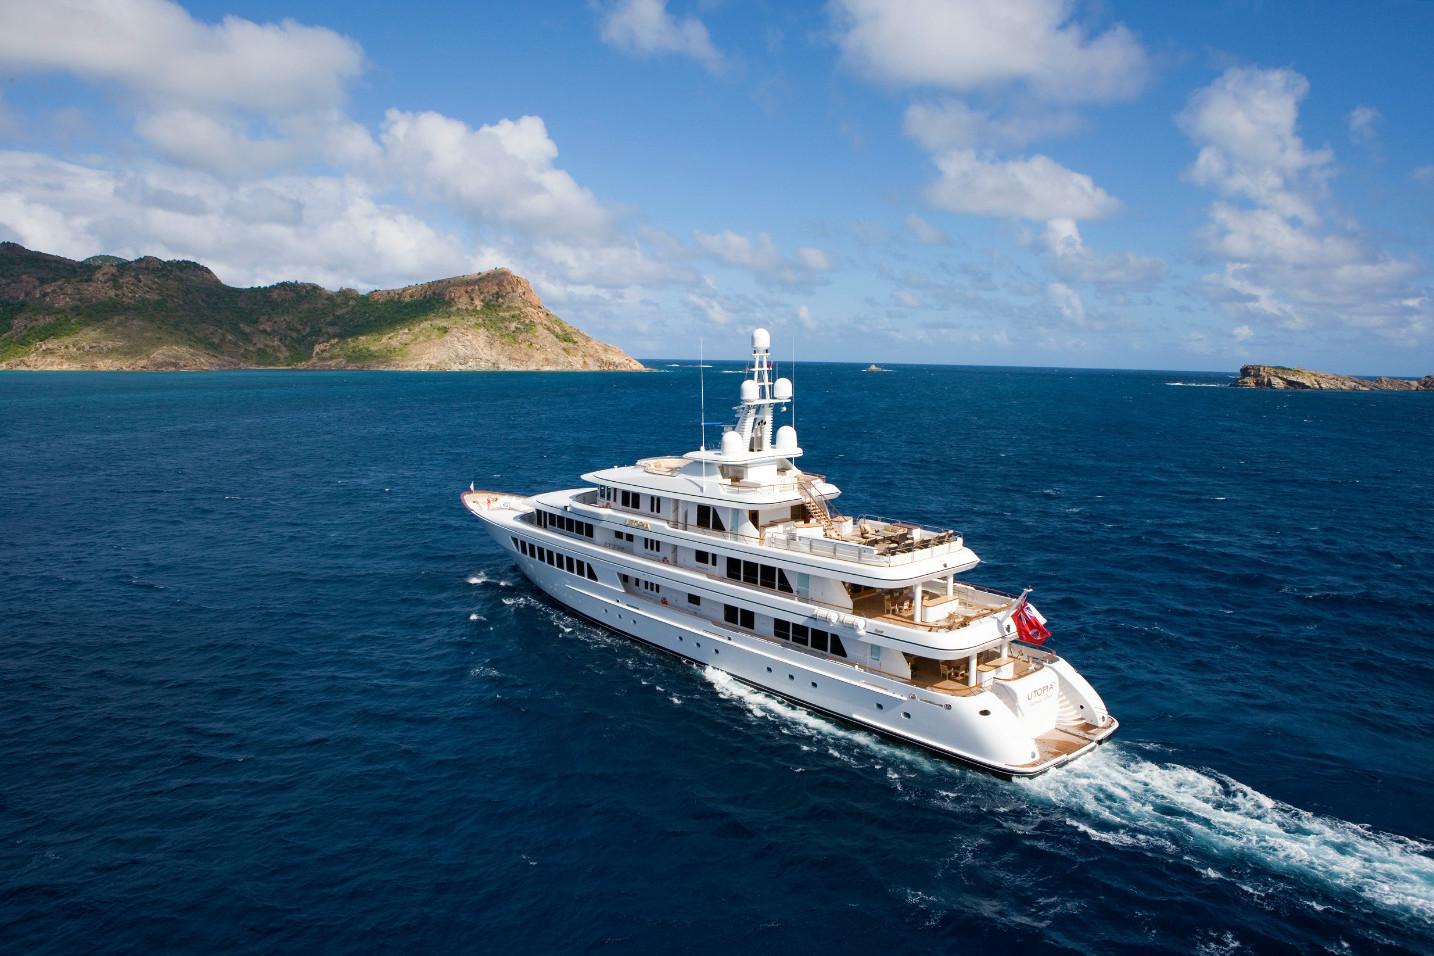 Motor Yacht Utopia- curing the Mediterraenan